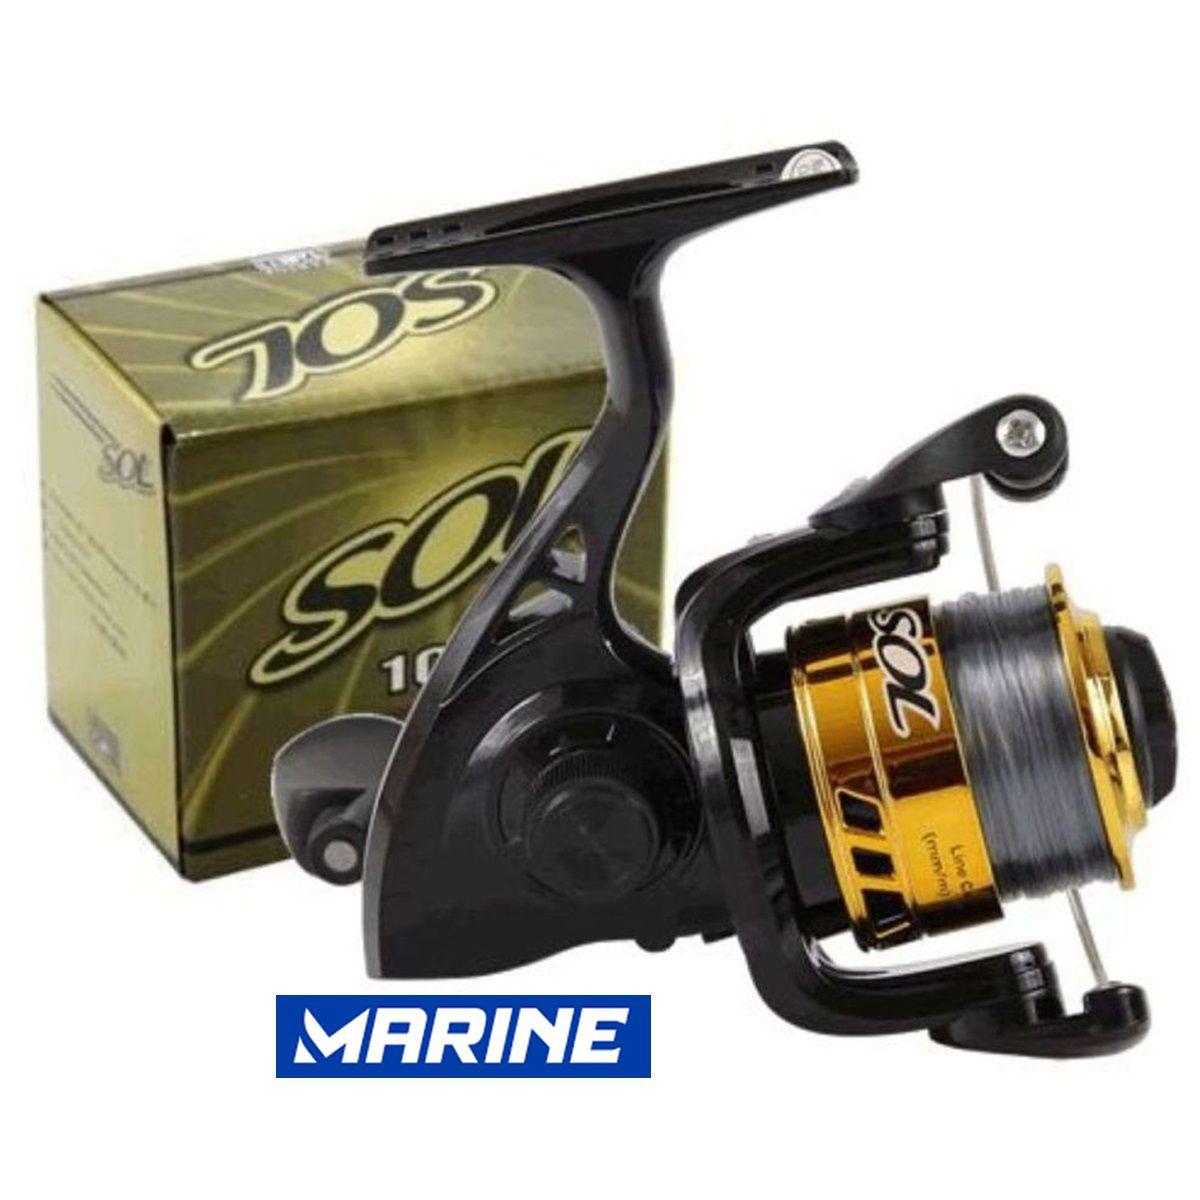 Kit Pesca Completo 3 Vara 3 Molinete Caixa Com Itens